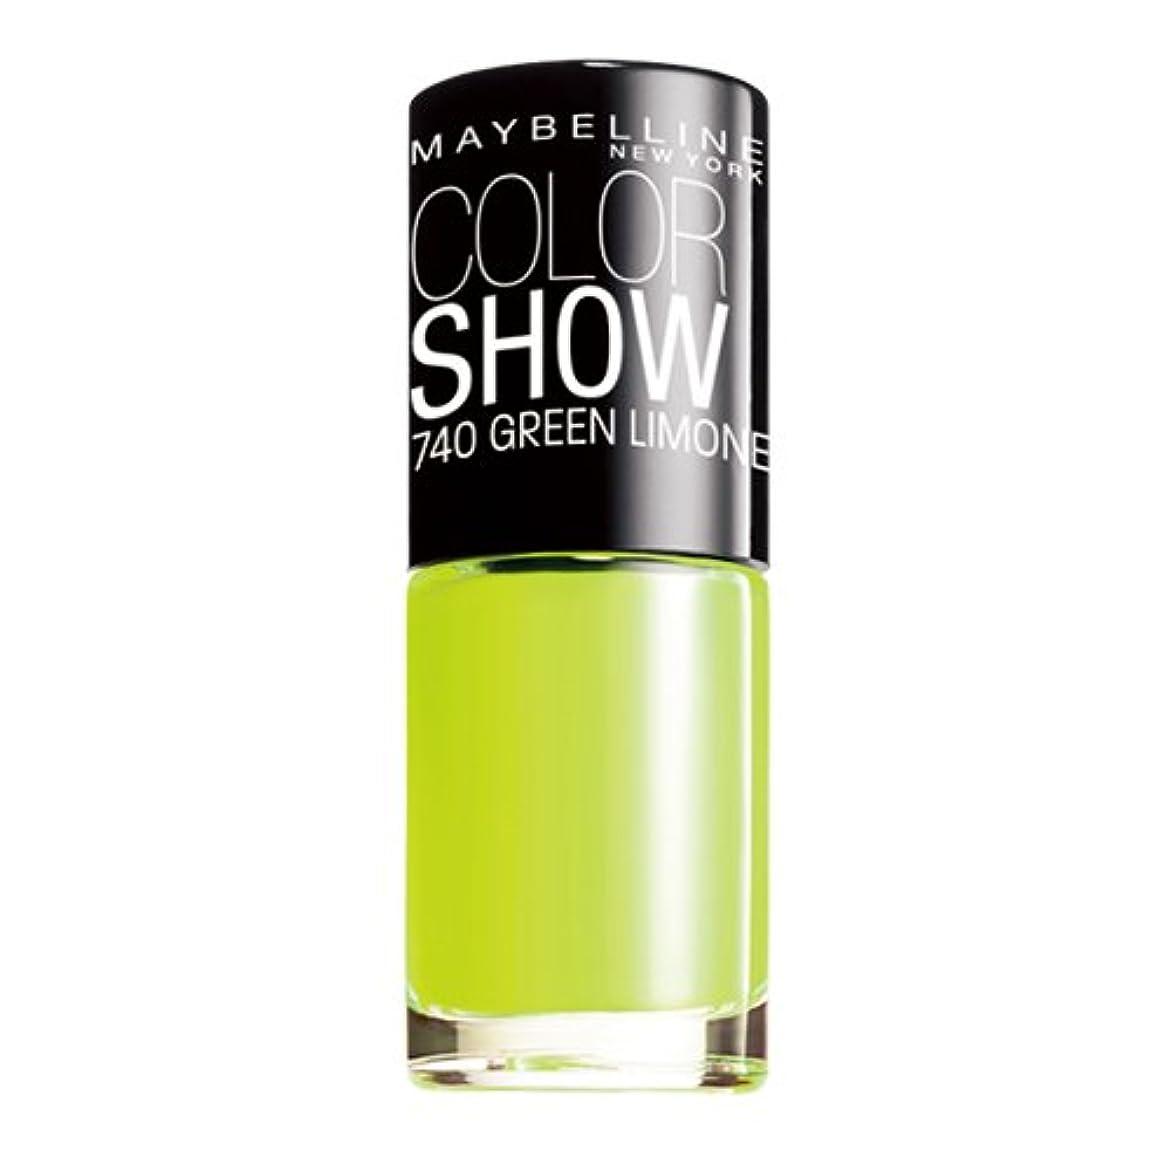 コスチューム粘性の恐れるメイベリン カラー ショー ネイル B 740 グリーン リモーネ